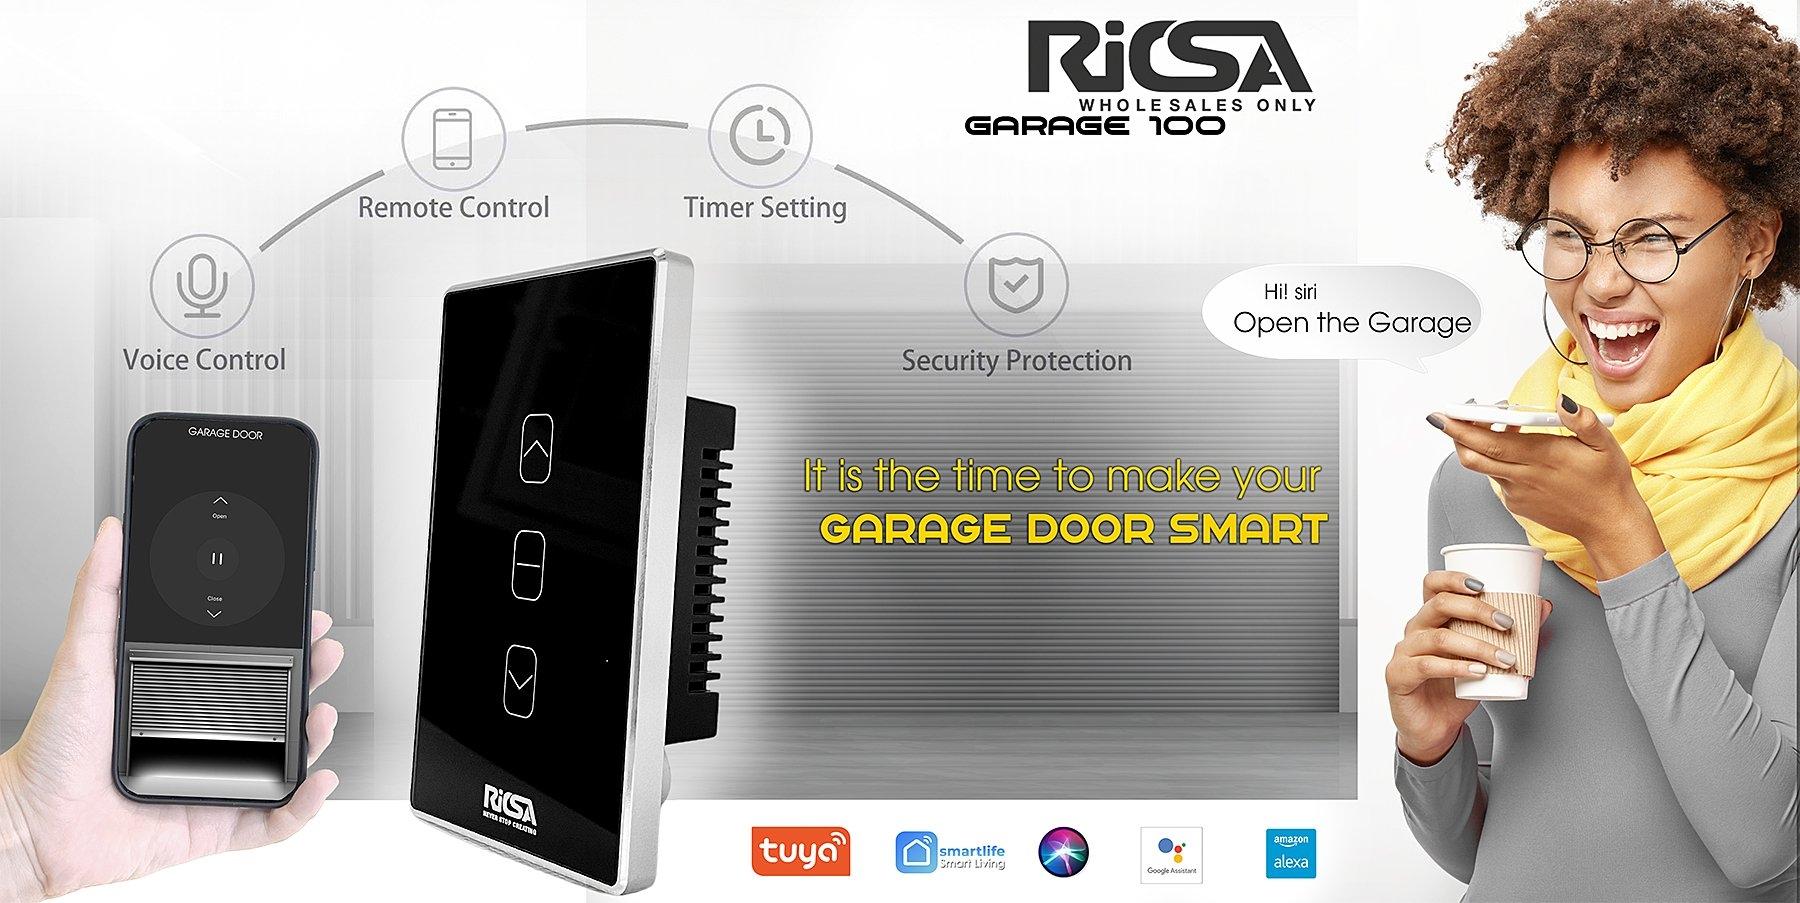 RICSA -Biến Cửa Cuốn Thường thành Thông Minh điều khiển từ xa quá đơn giản với RICSA Garage 100